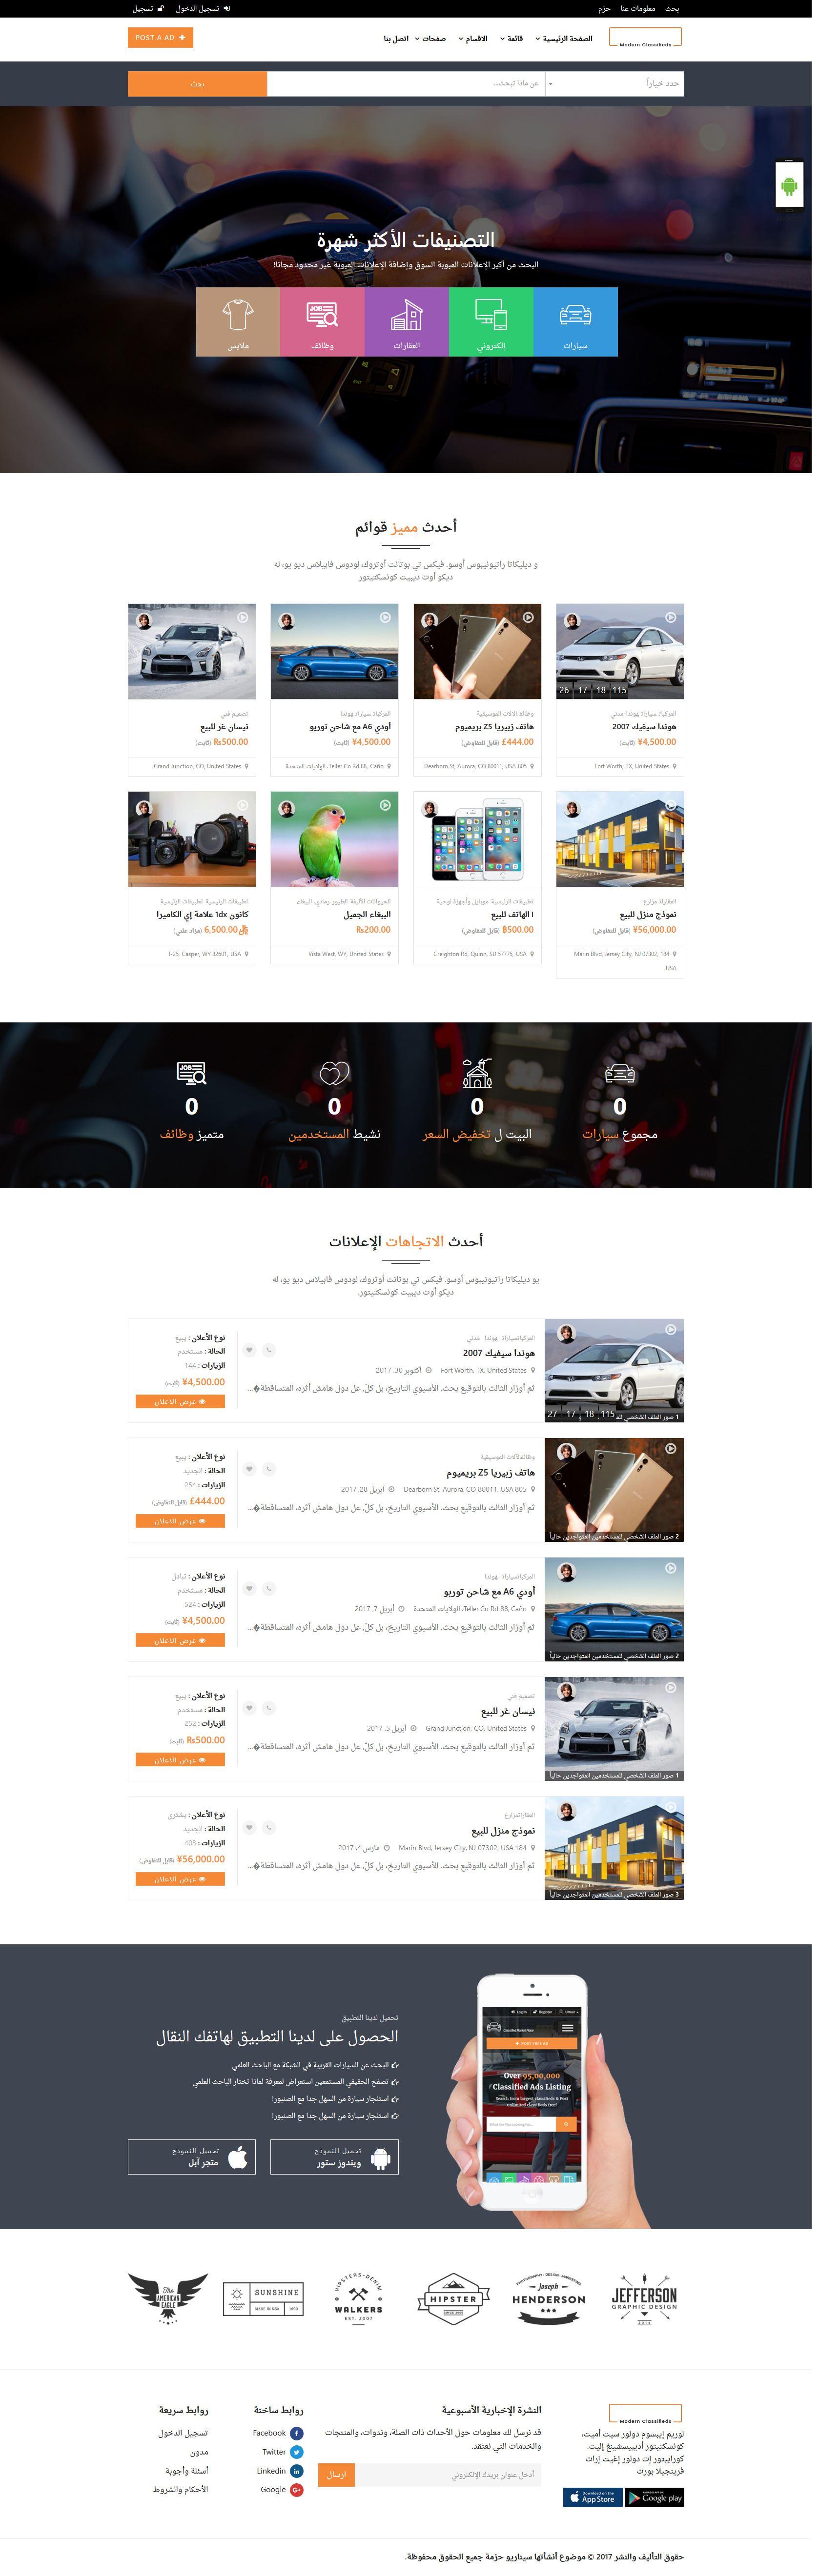 تصميم برنامج موقع سوق تسوق تسويق اعلانات مبوبة - صفحة موقع واجهة شاملة تصنيفات وعروض اعلانية 11